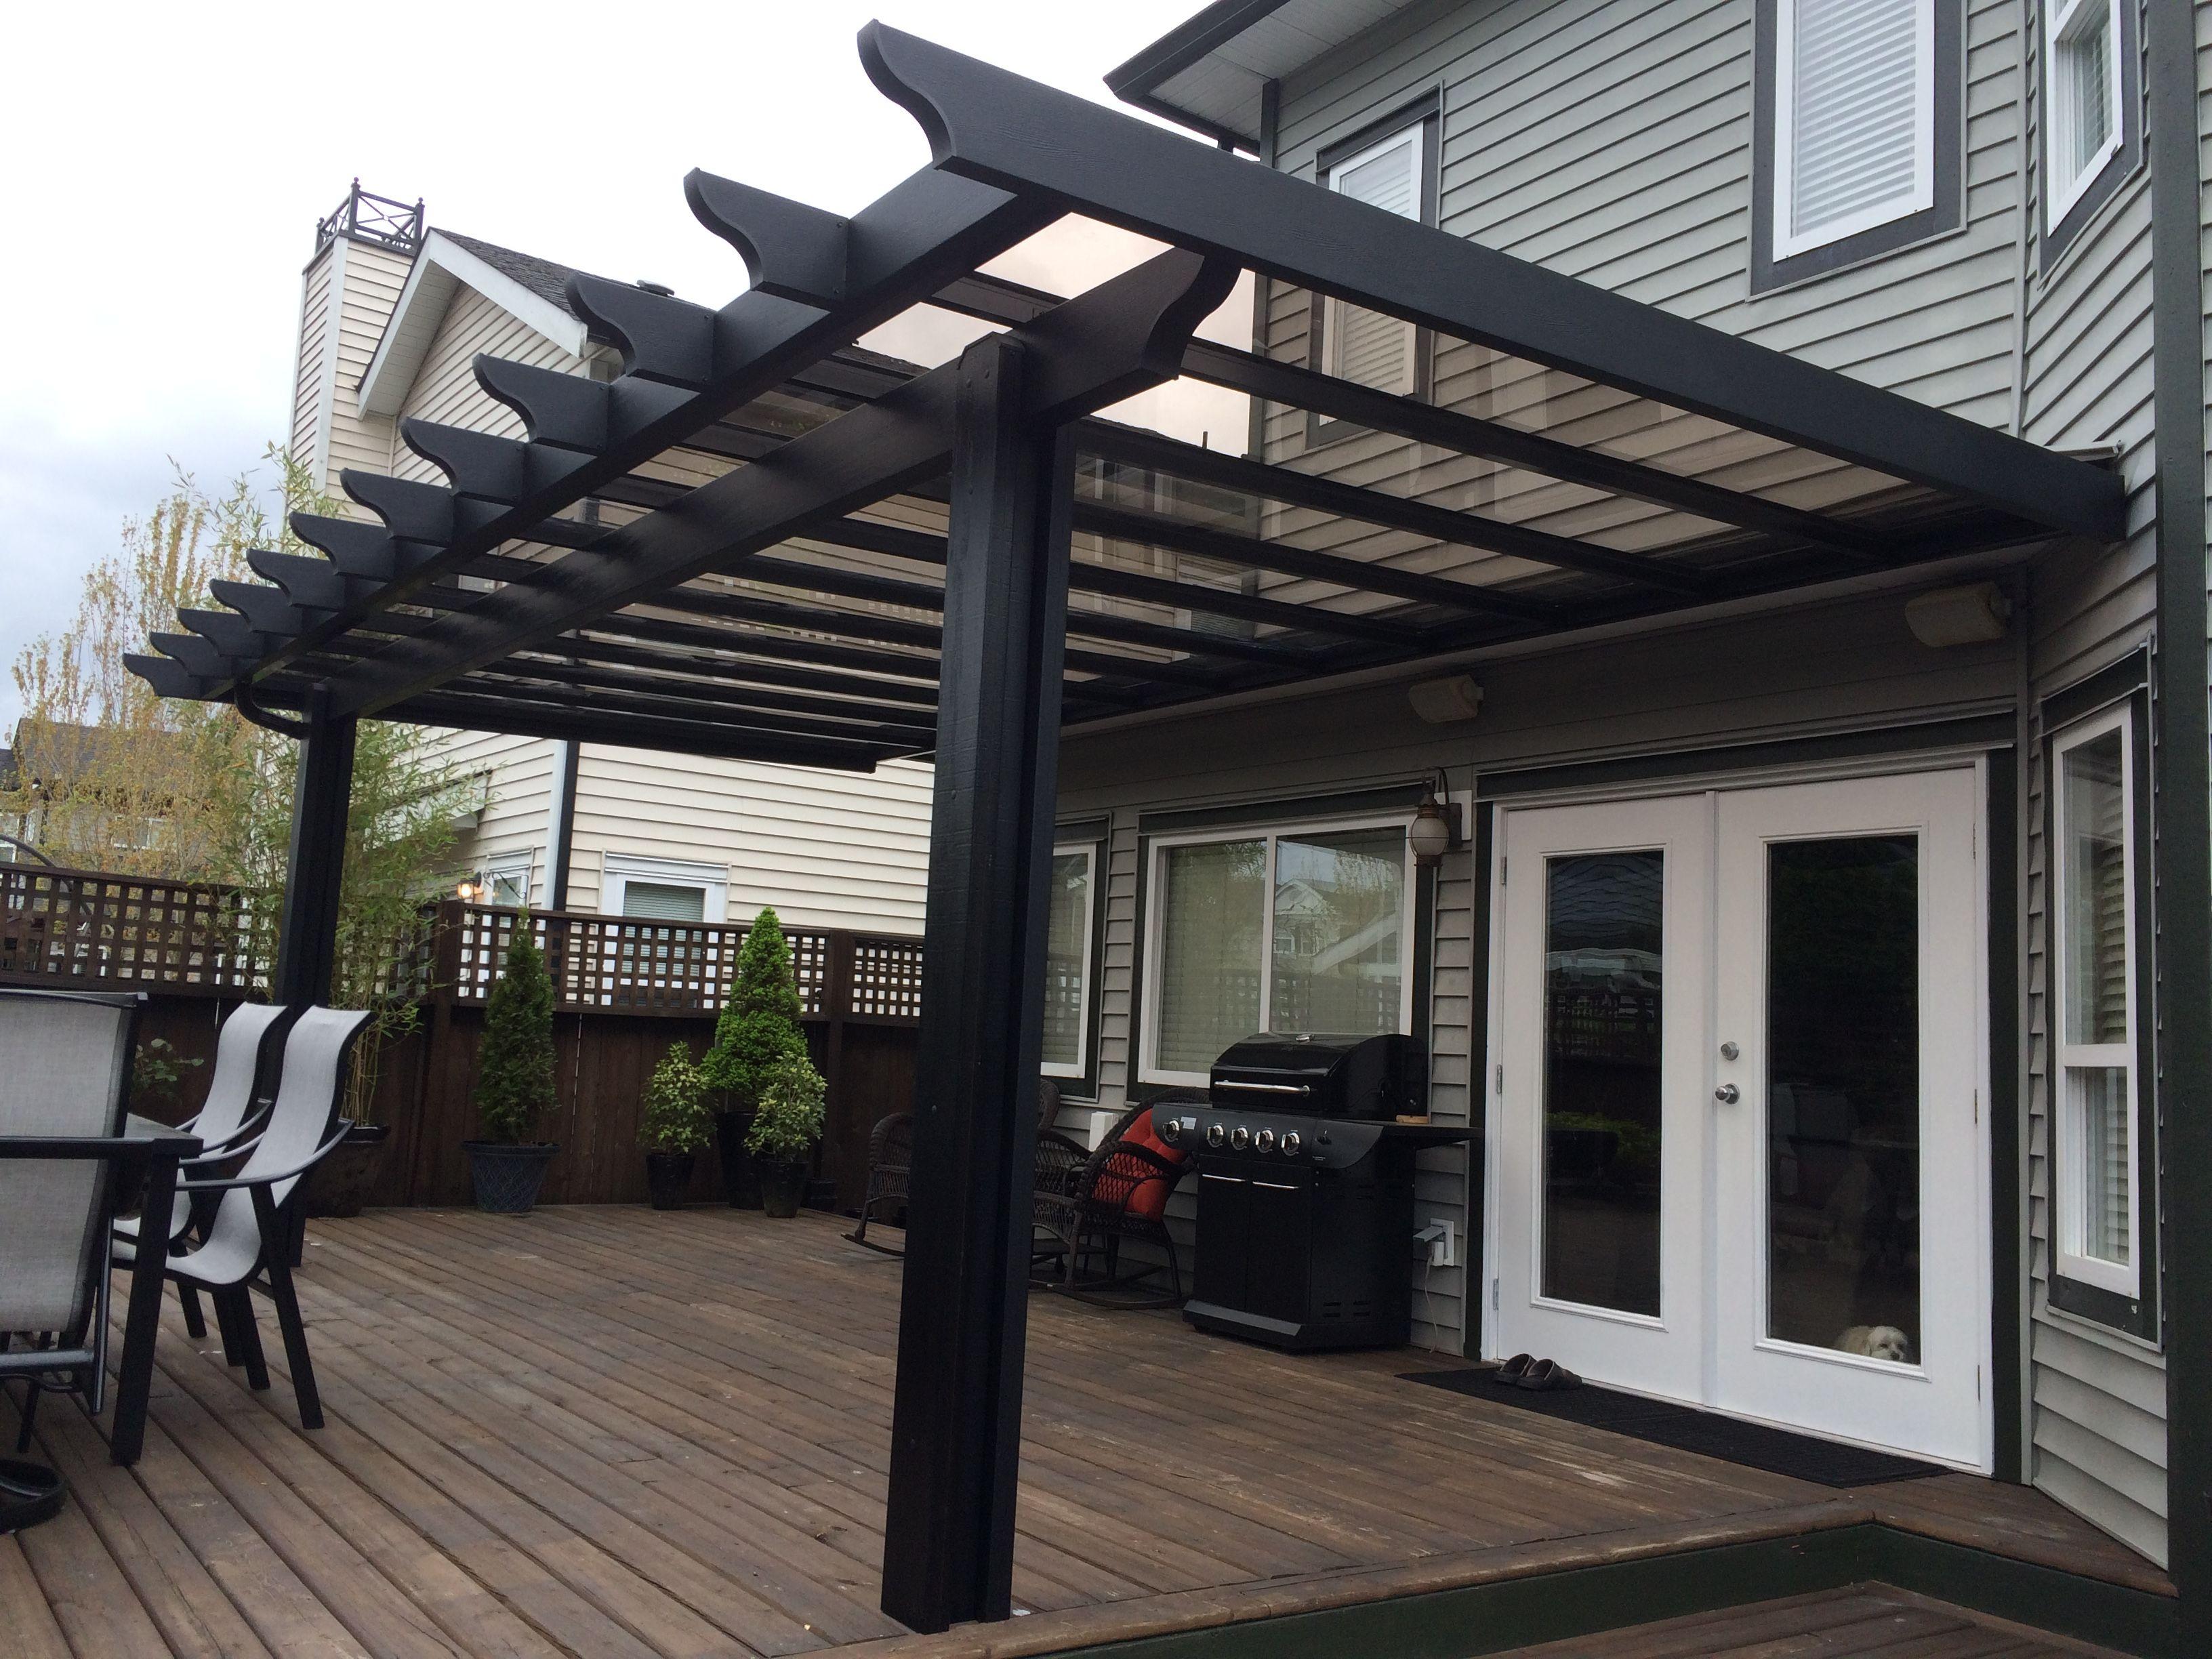 Black Pergola Glass Roof Outdoor Pergola Pergola Black Pergola